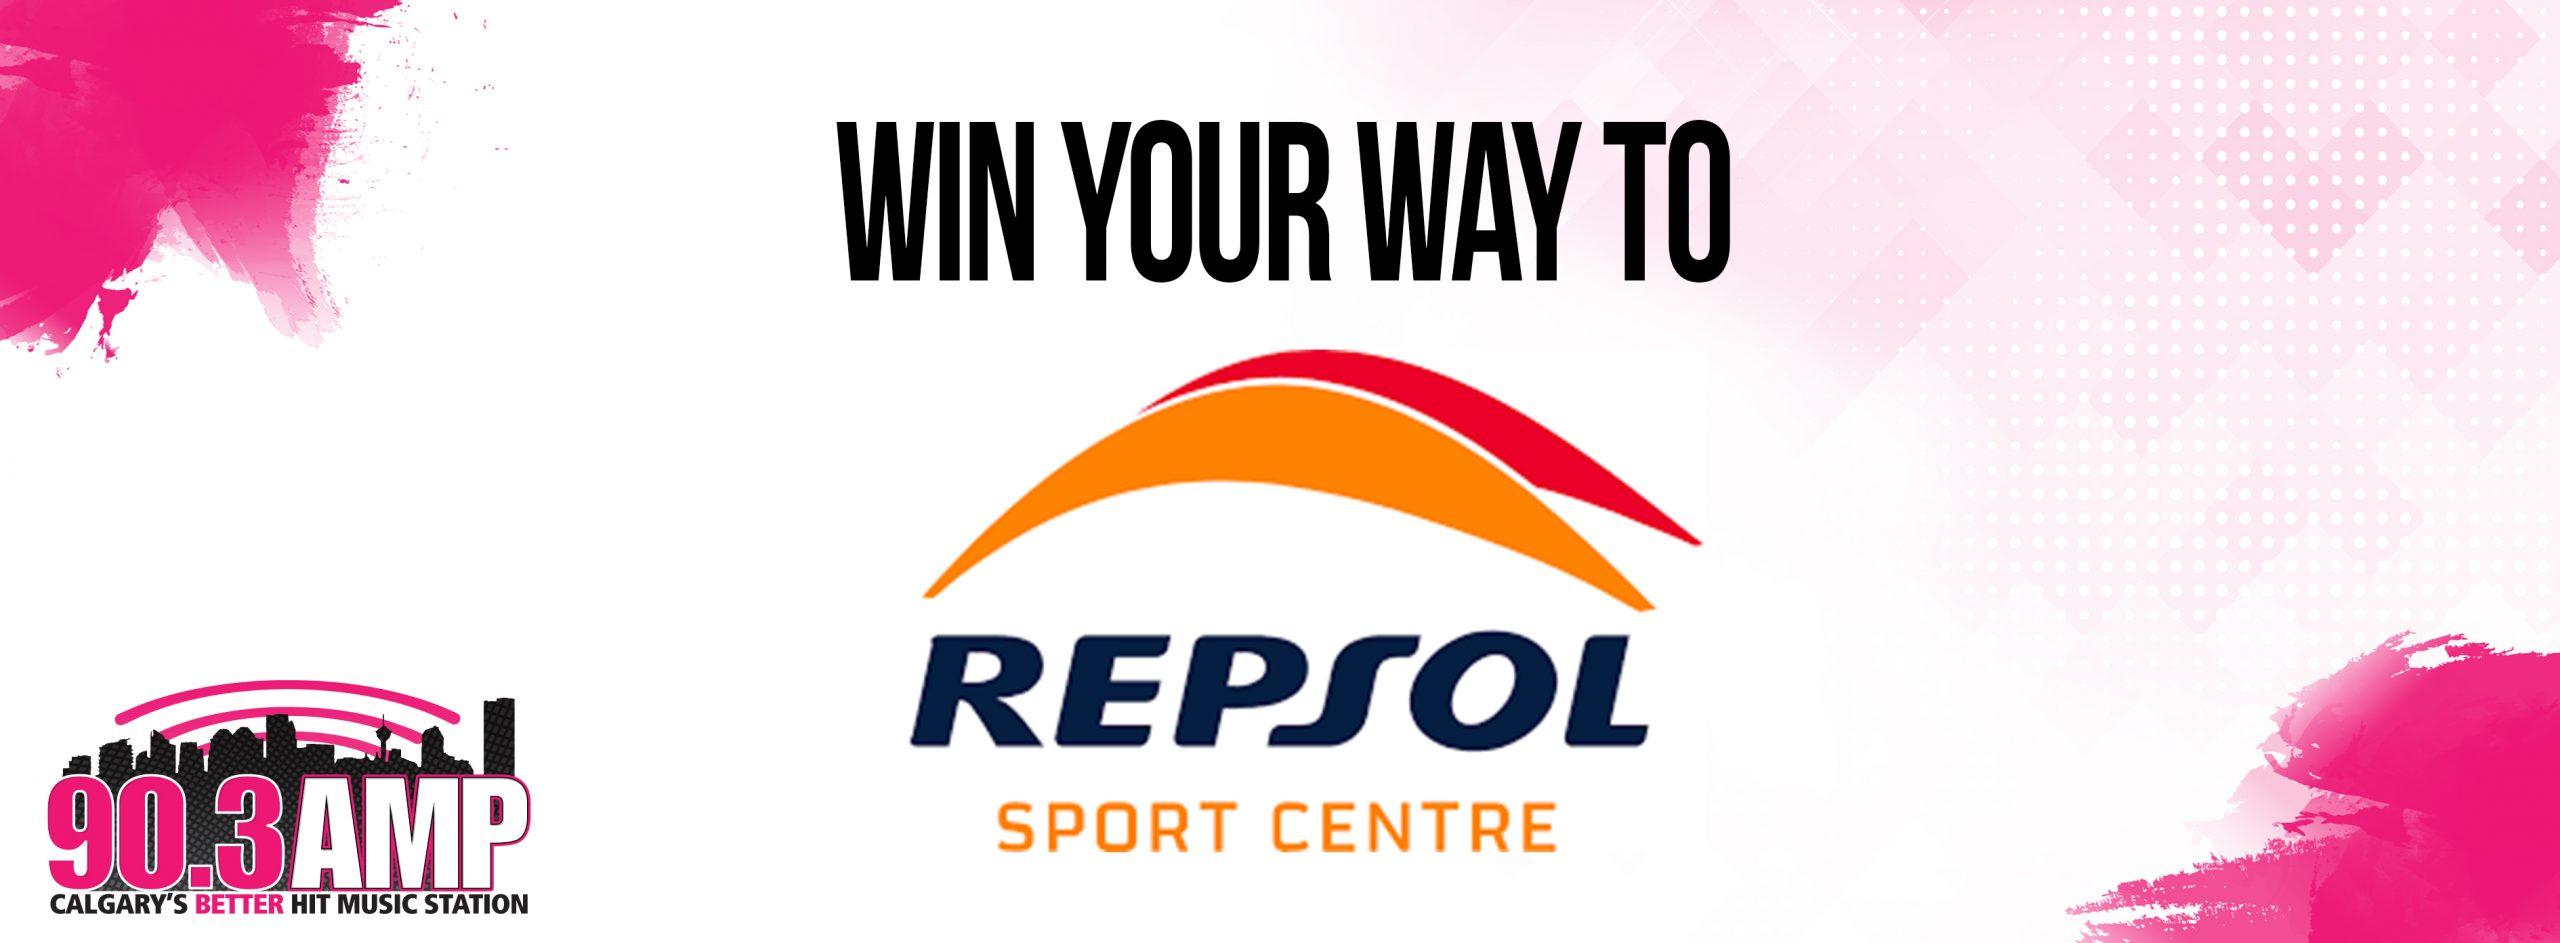 AMP Radio & Repsol Sport Centre | 90 3 AMP Radio